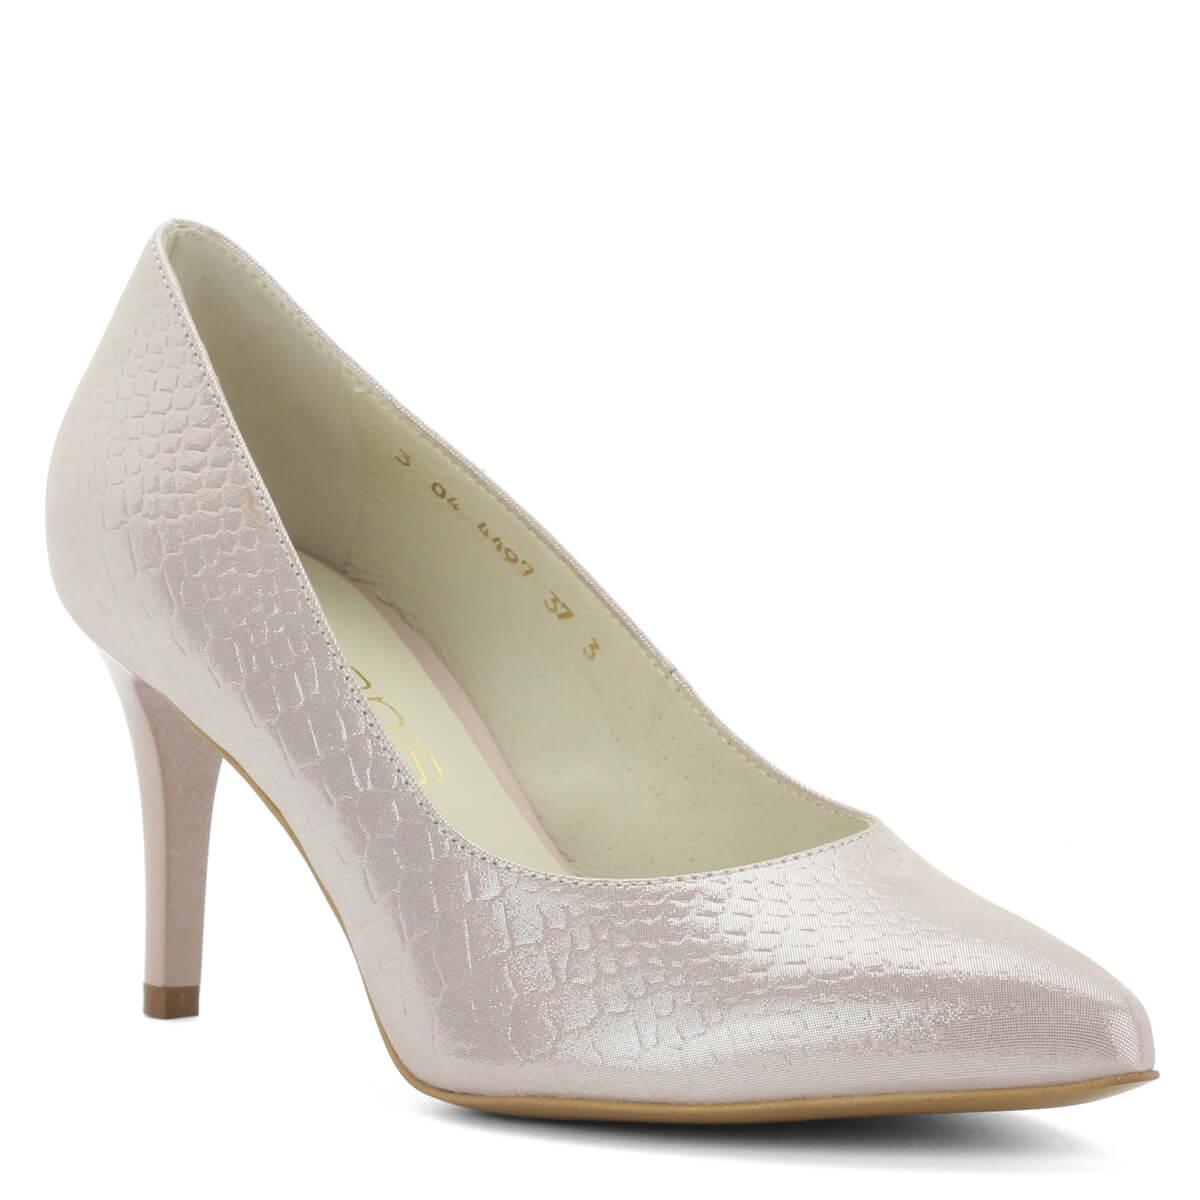 6c3855c531 Nagyon különleges hegyes orrú cipő 8 cm magas sarokkal. Elegáns, különleges  modell. Márka: Anis Szín: Púder Modellszám: 4497 POWDER ...